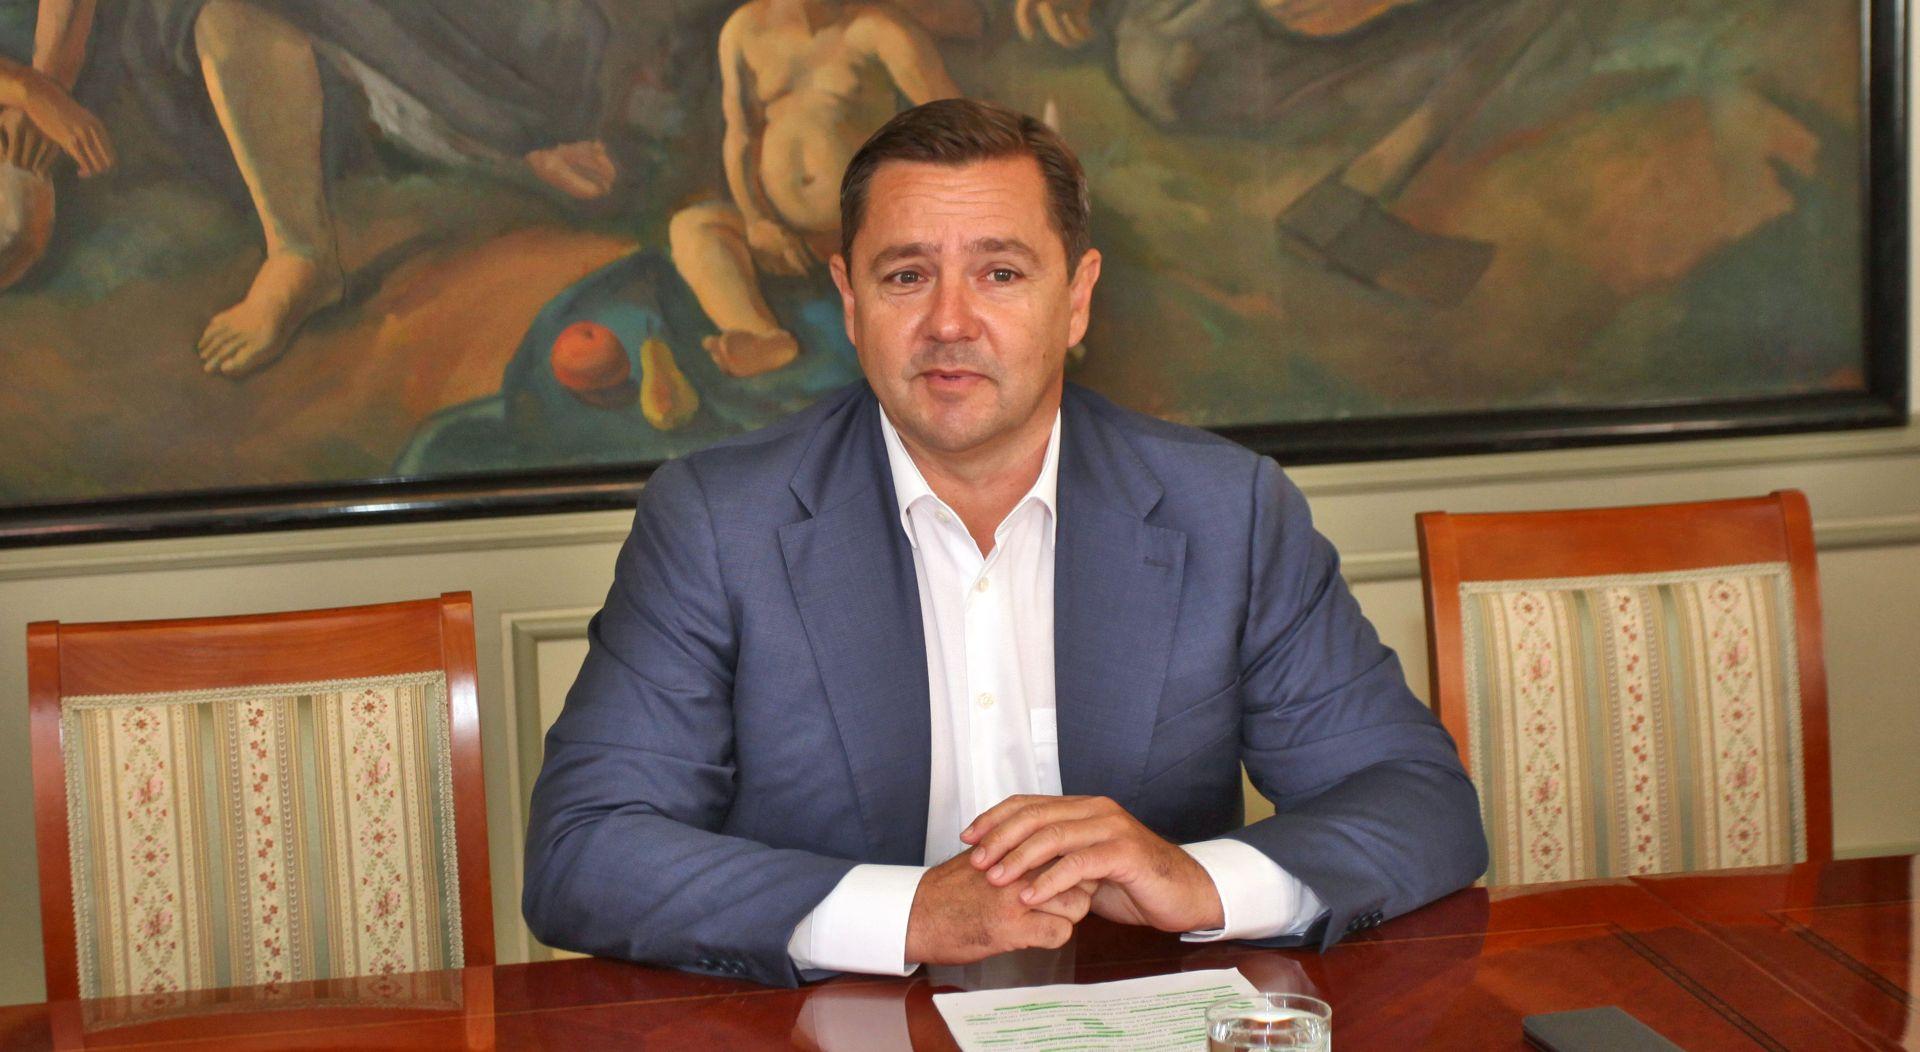 MIKULIĆ 'Gradski zastupnici će odrediti što će biti na Sveticama'